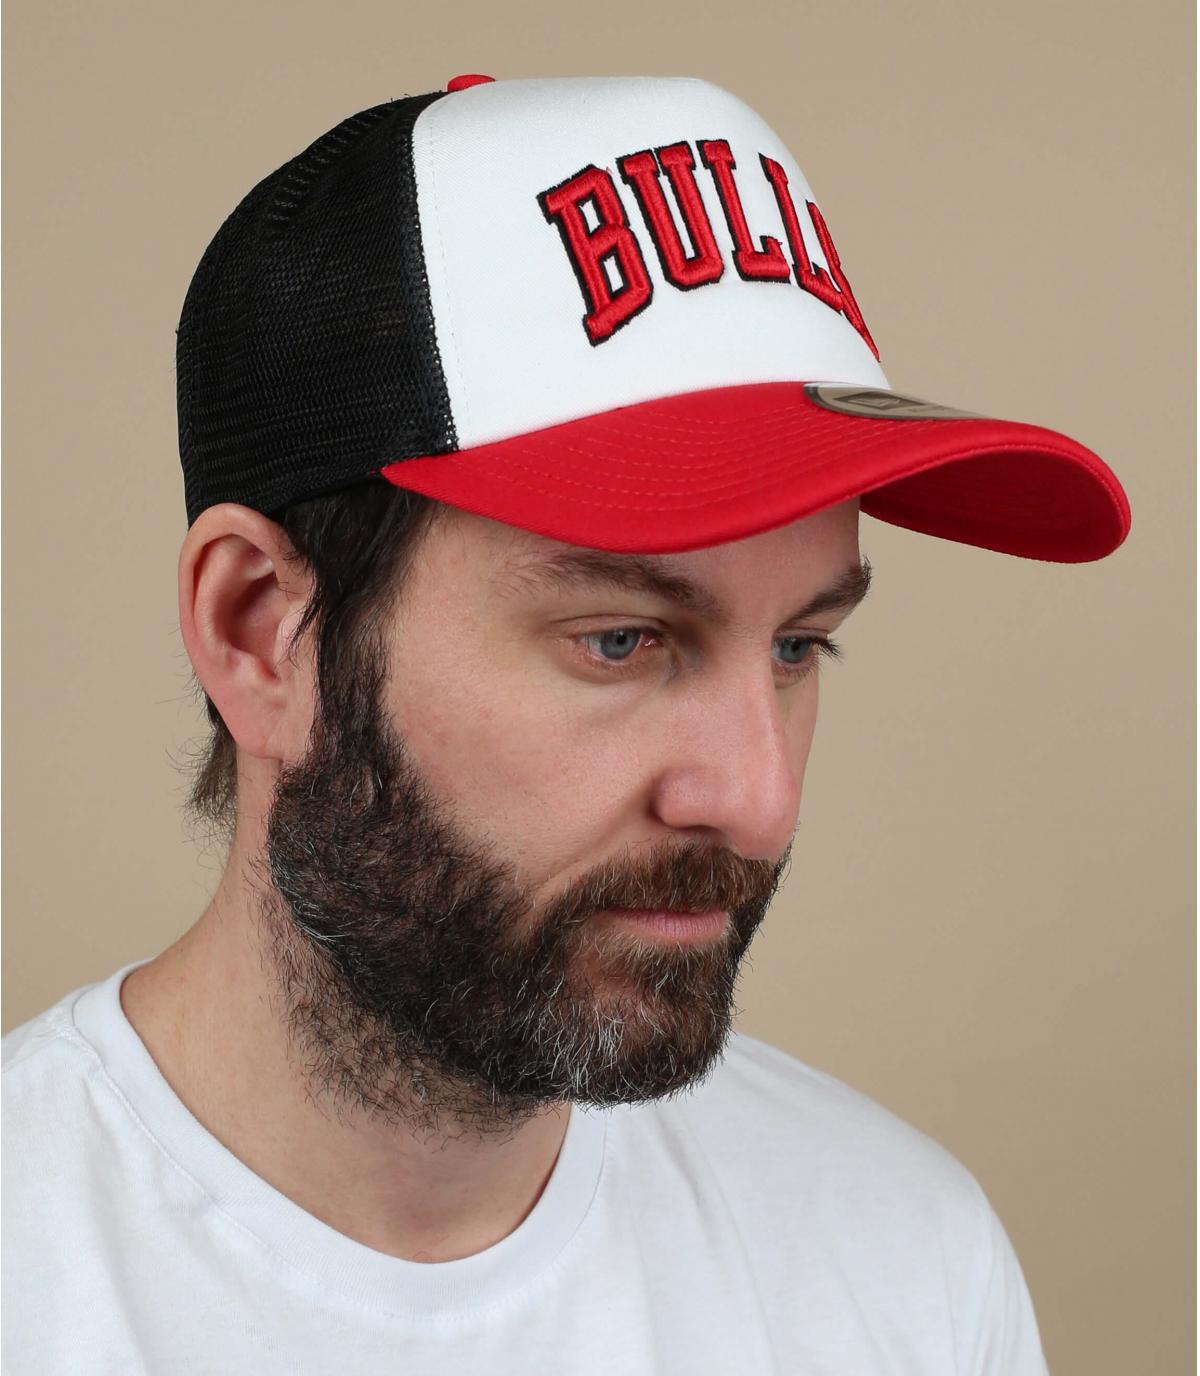 gorro Bulls blanco rojo